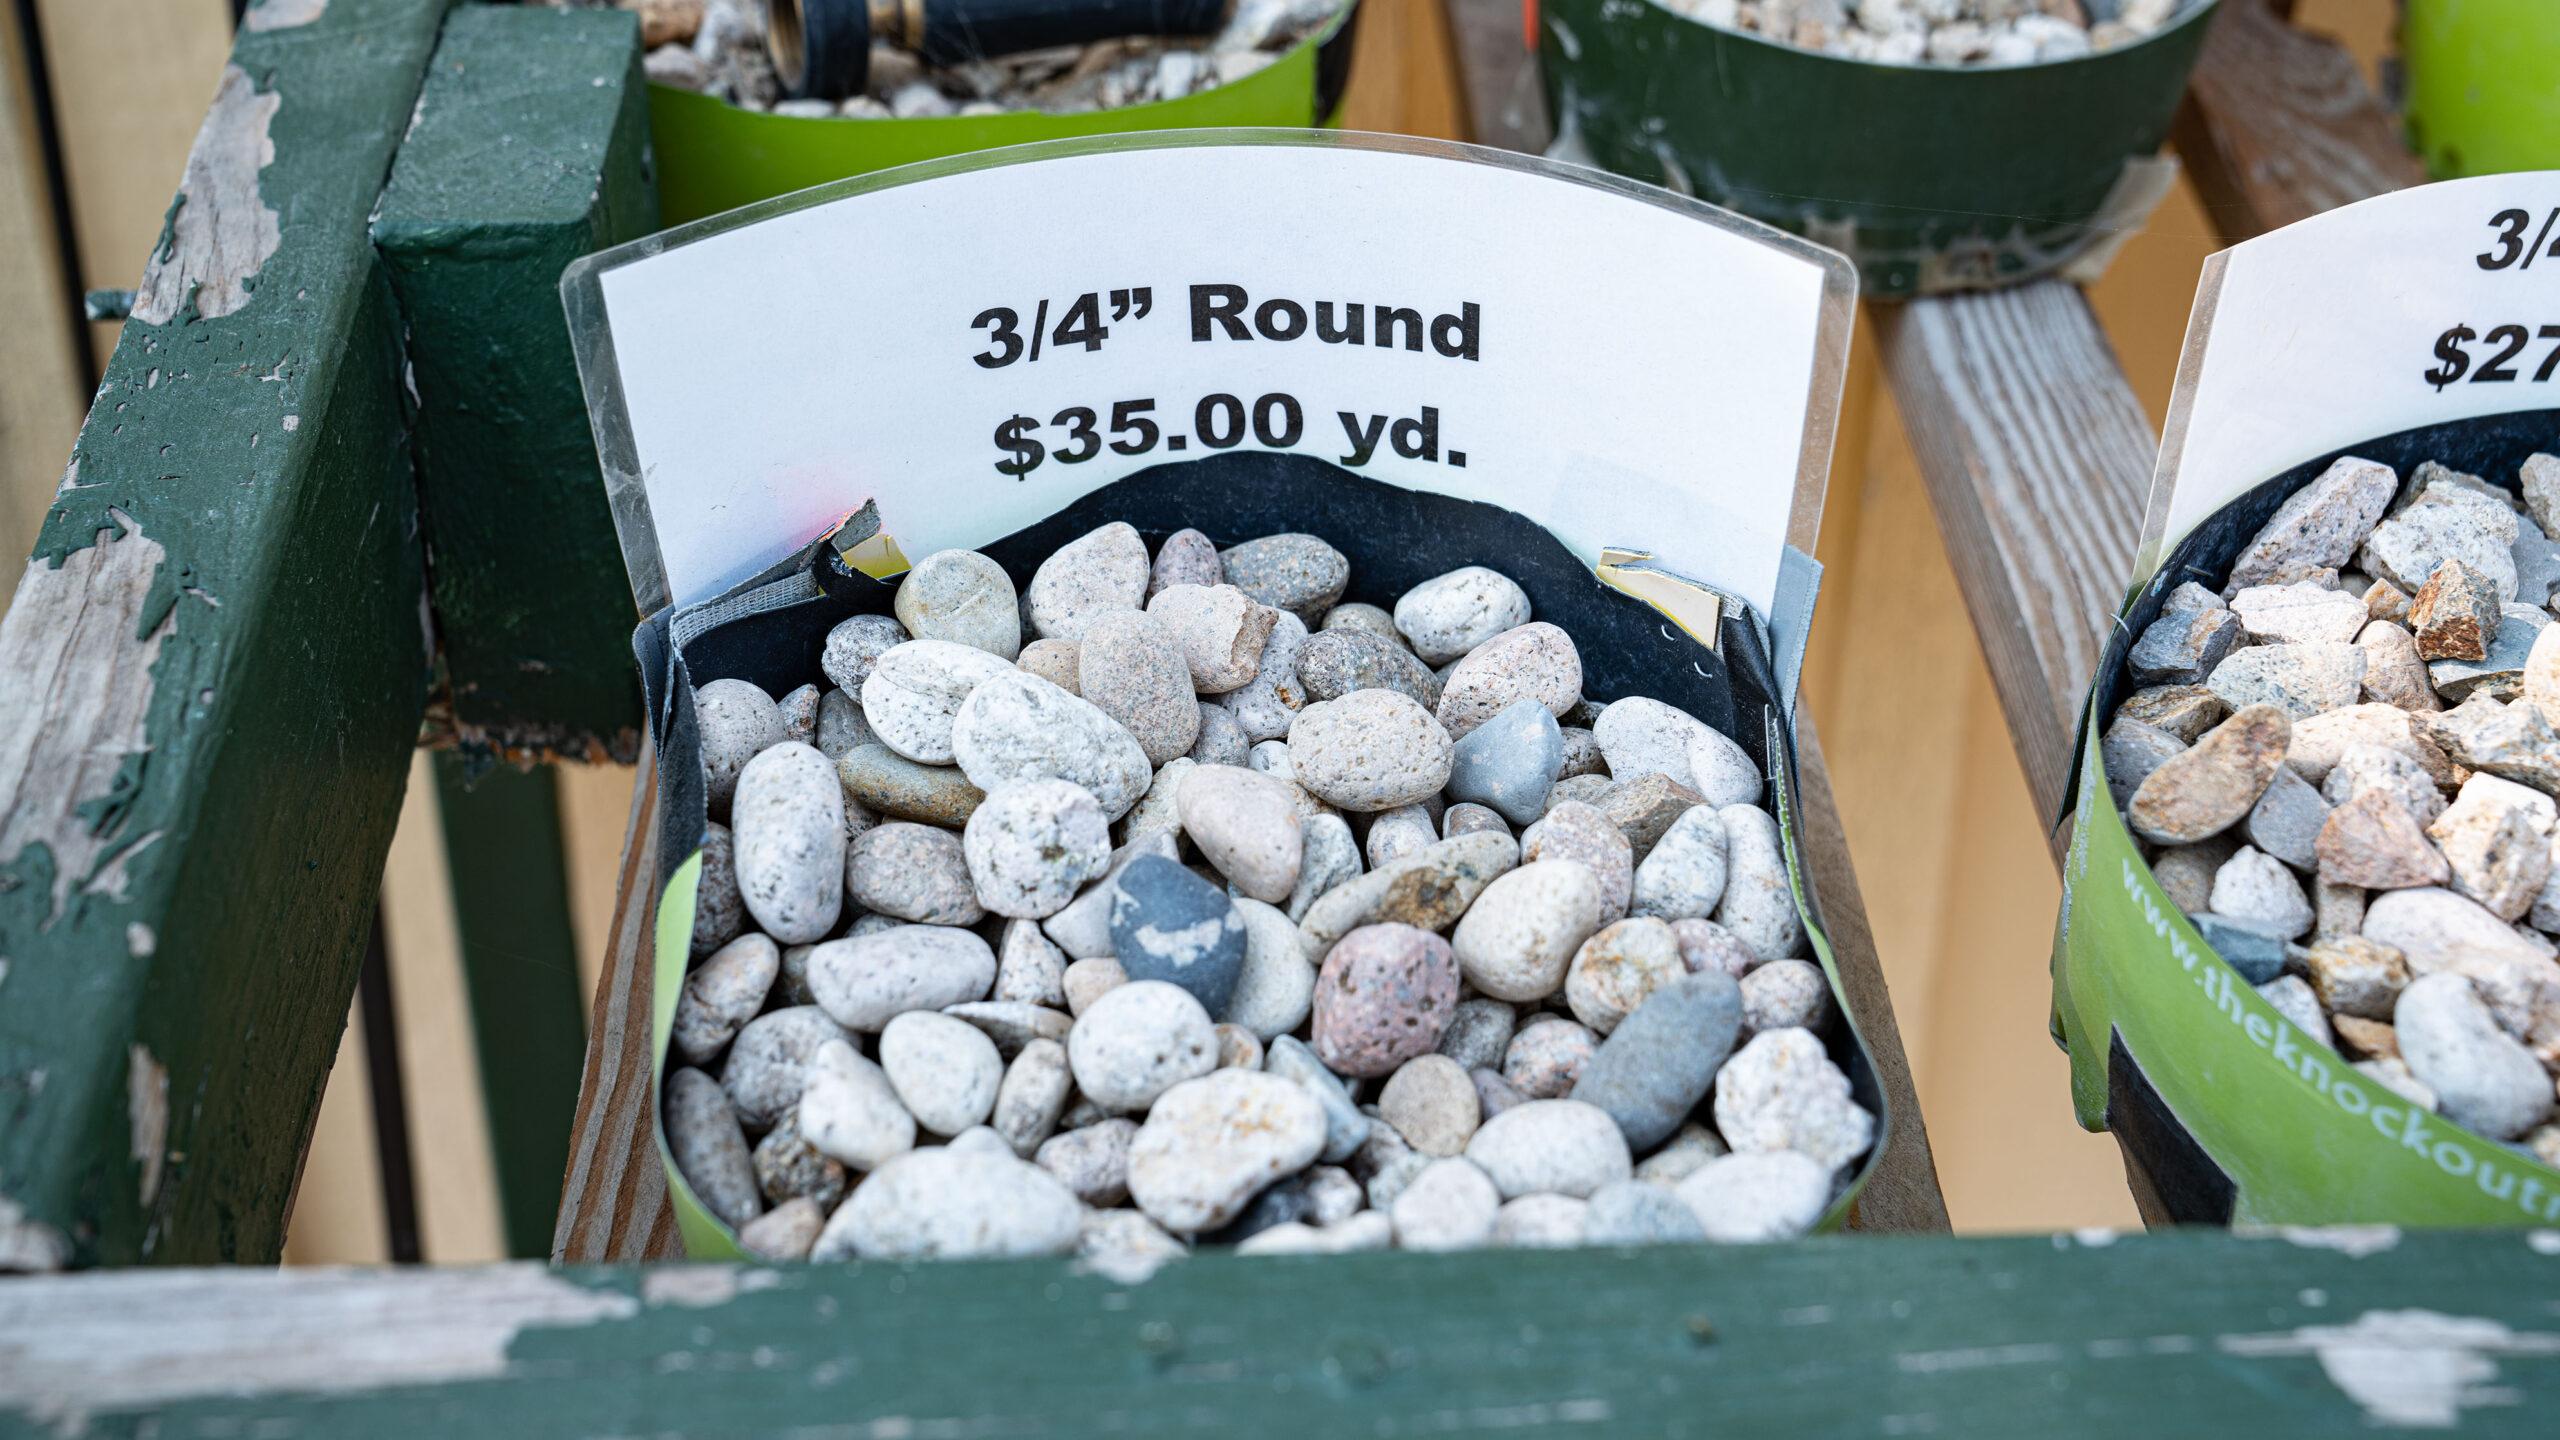 ¾ Round Rock - Adams Gardens